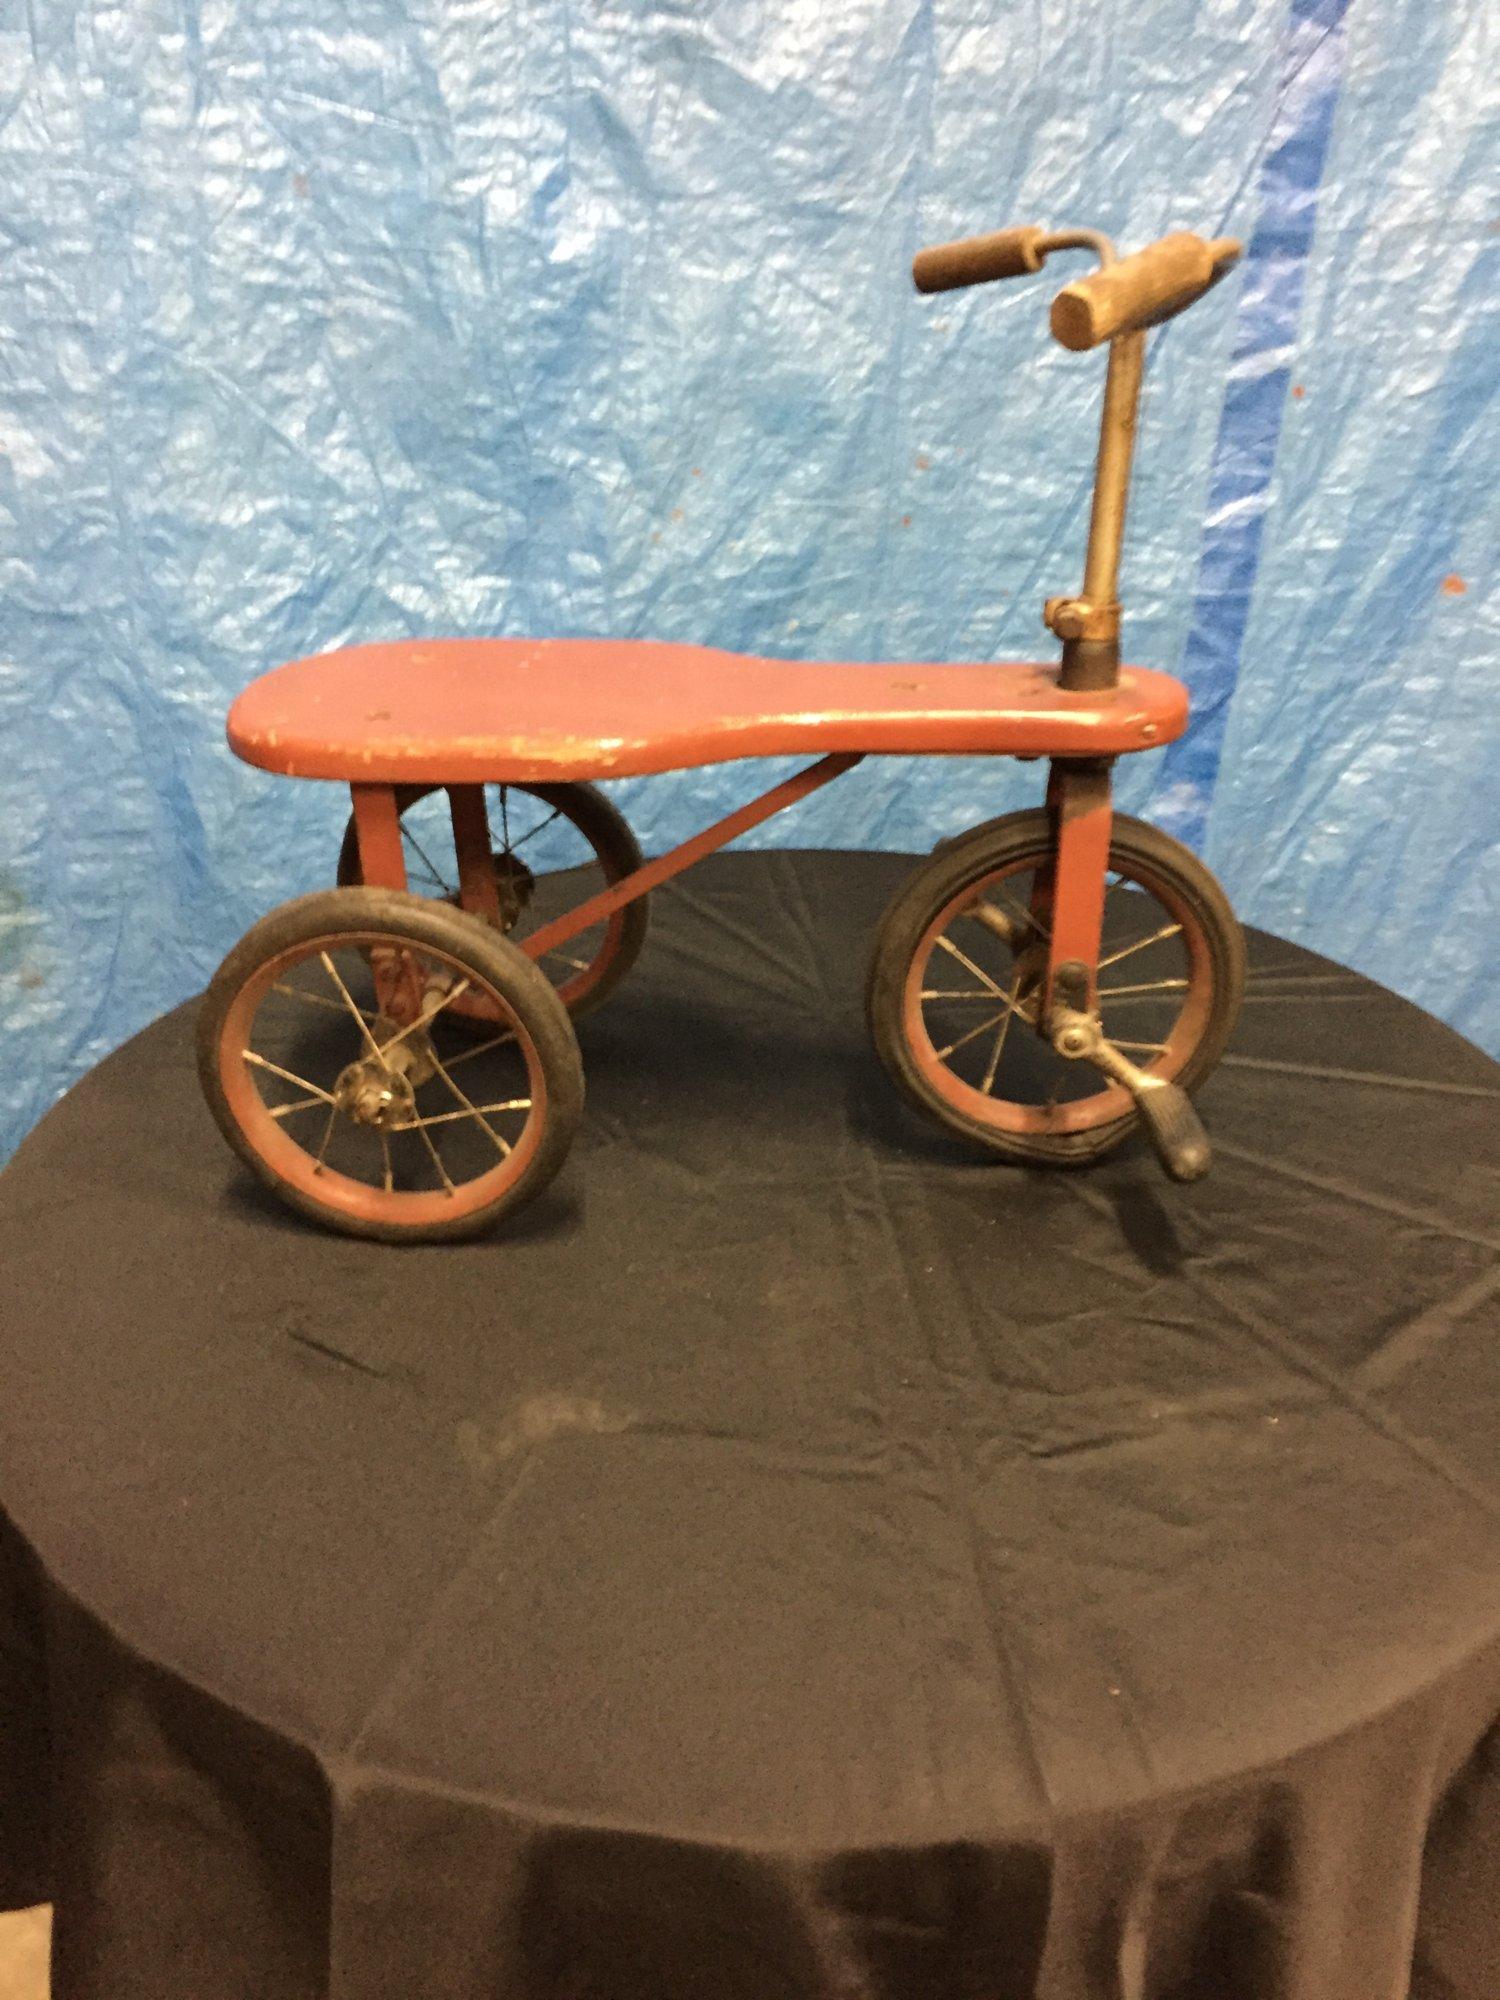 Vintage Wooden Seat,spoked wheel tricycle - $65.jpg